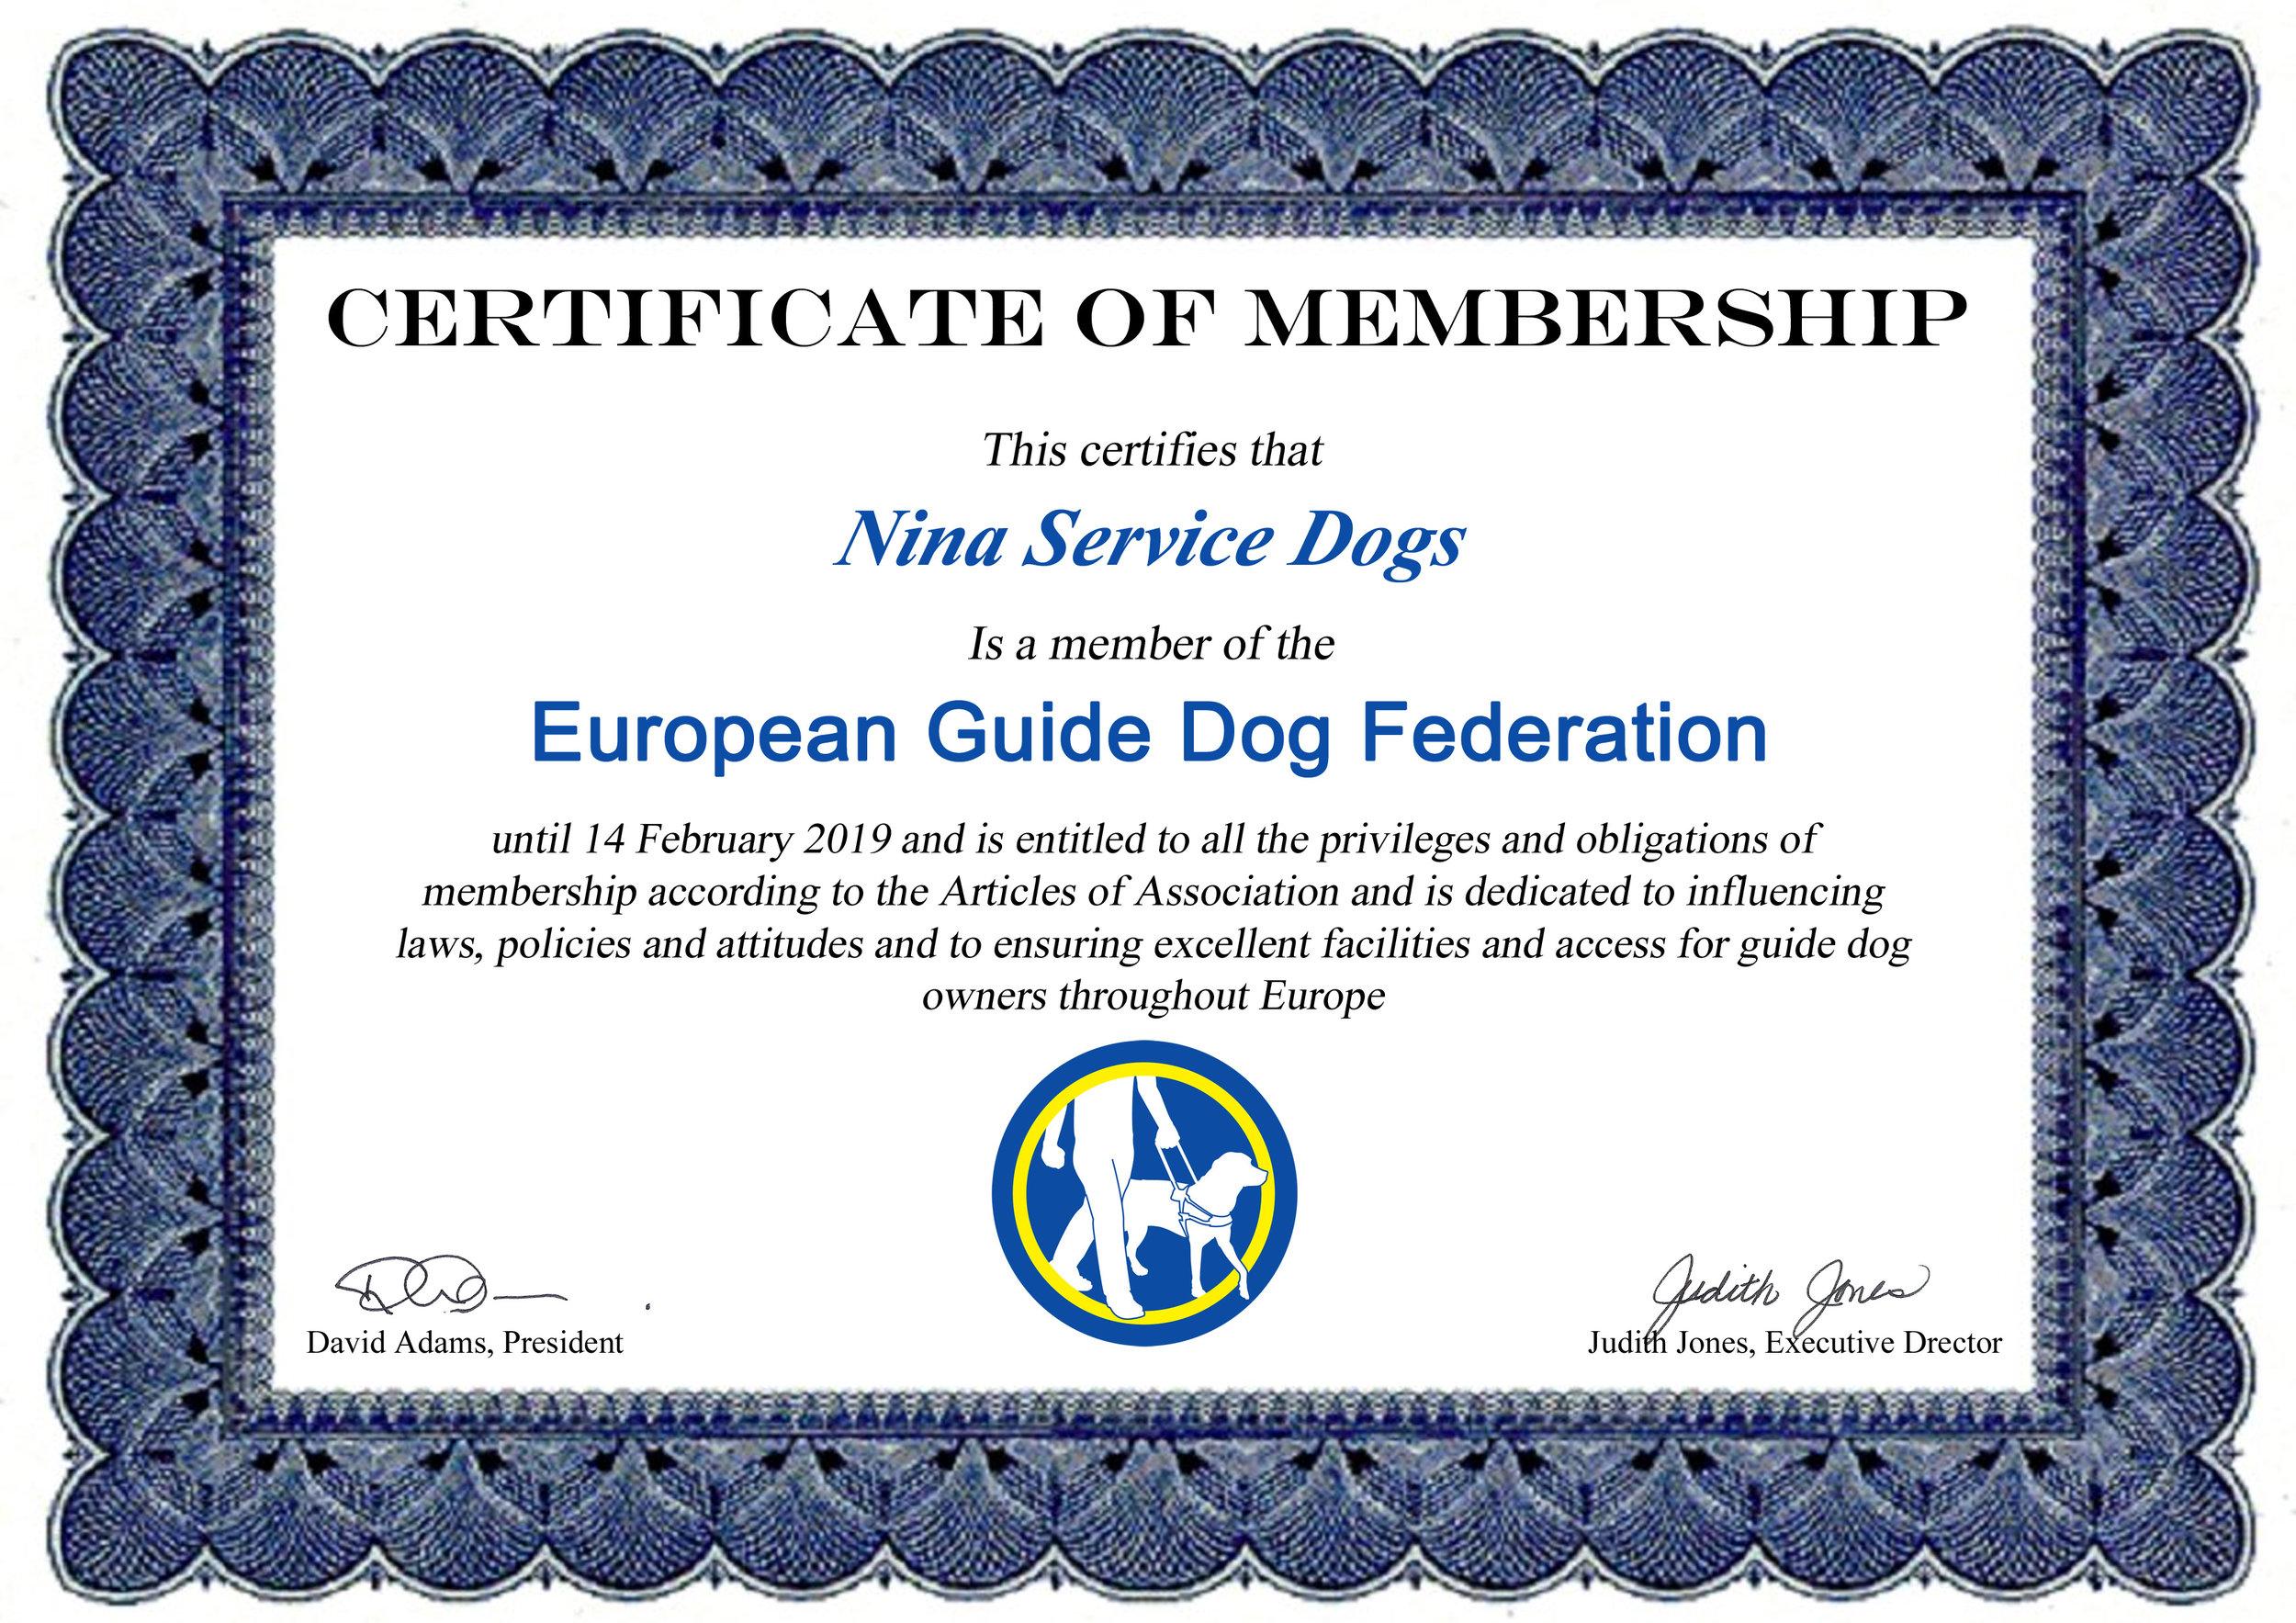 Membership Certificate.jpg